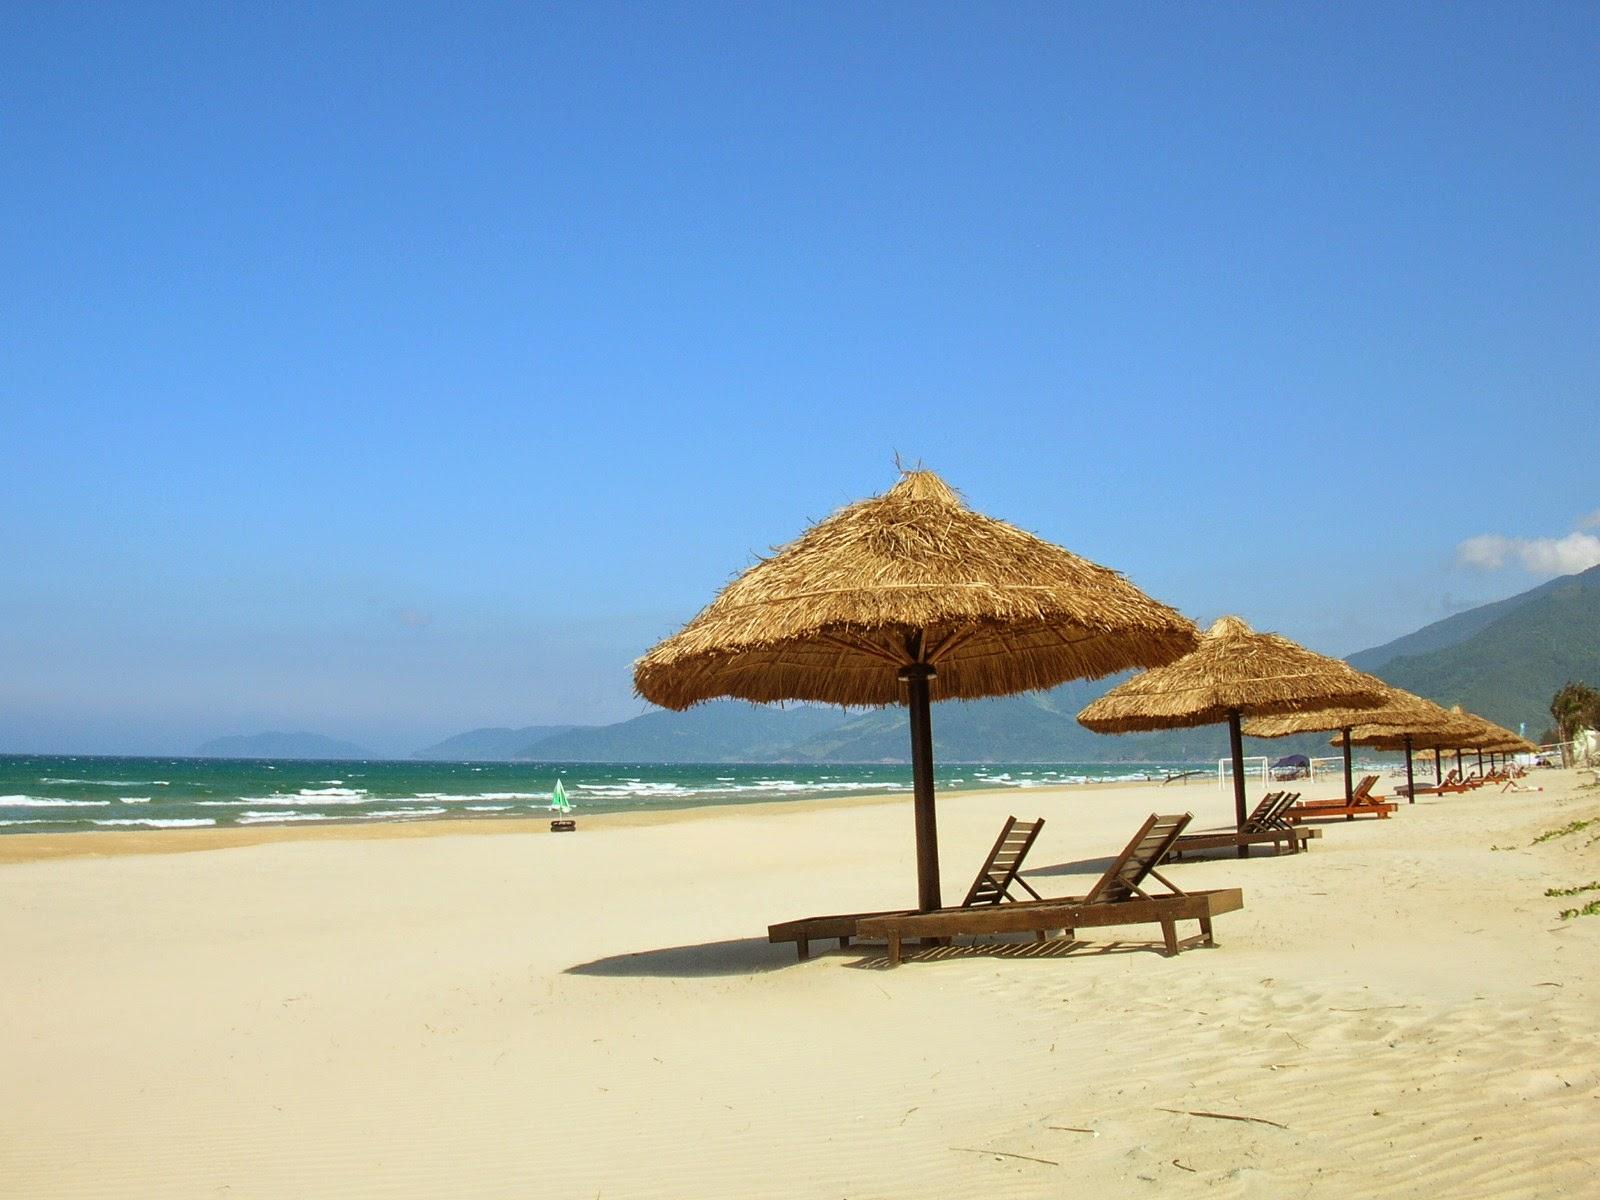 hình nền bãi biển mùa hè